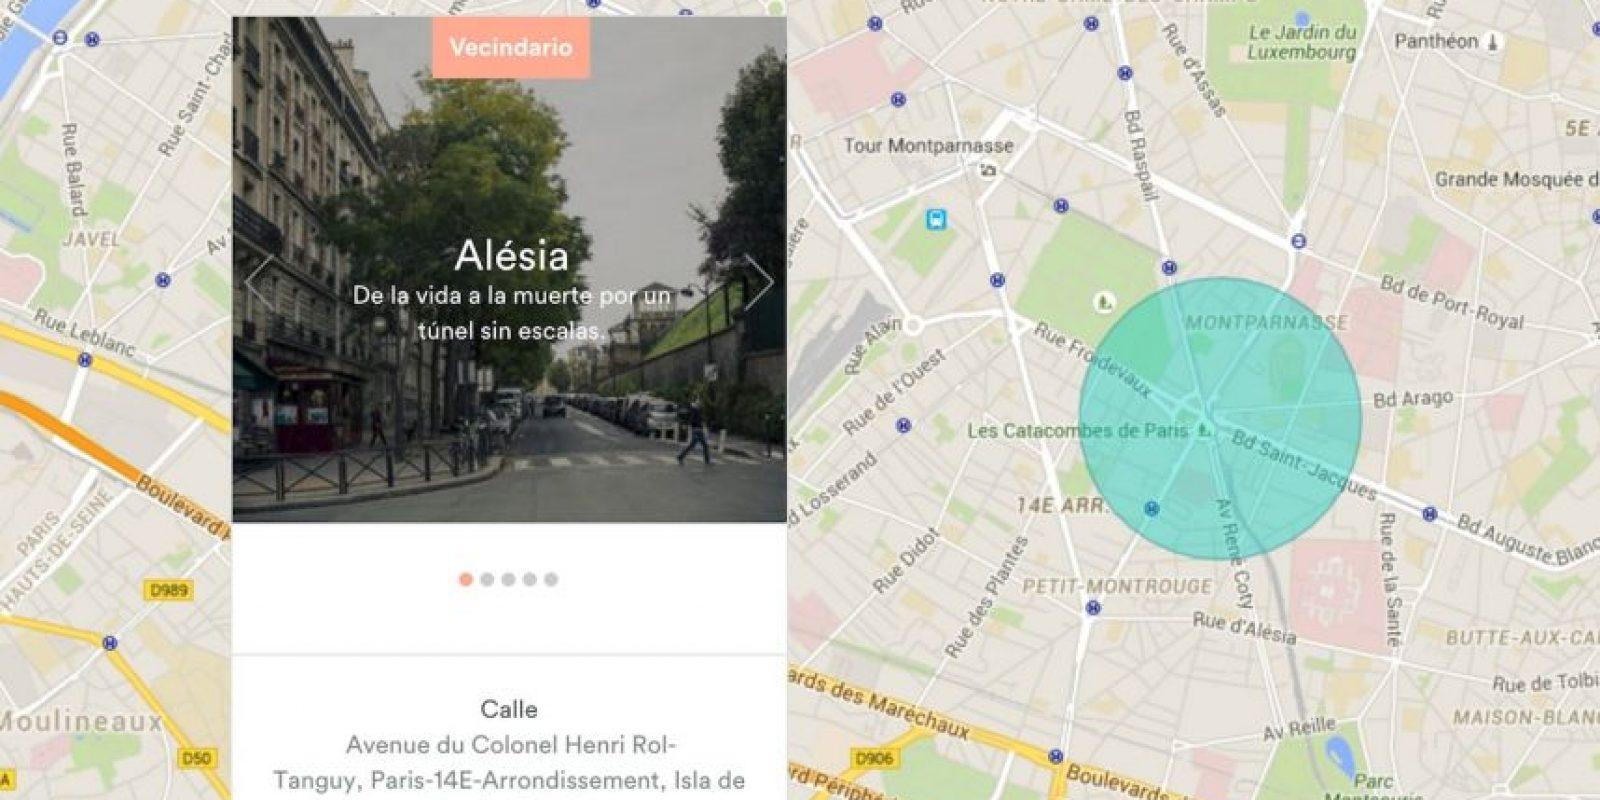 Este es el lugar donde se hospedarán. Foto:Airbnb / Google